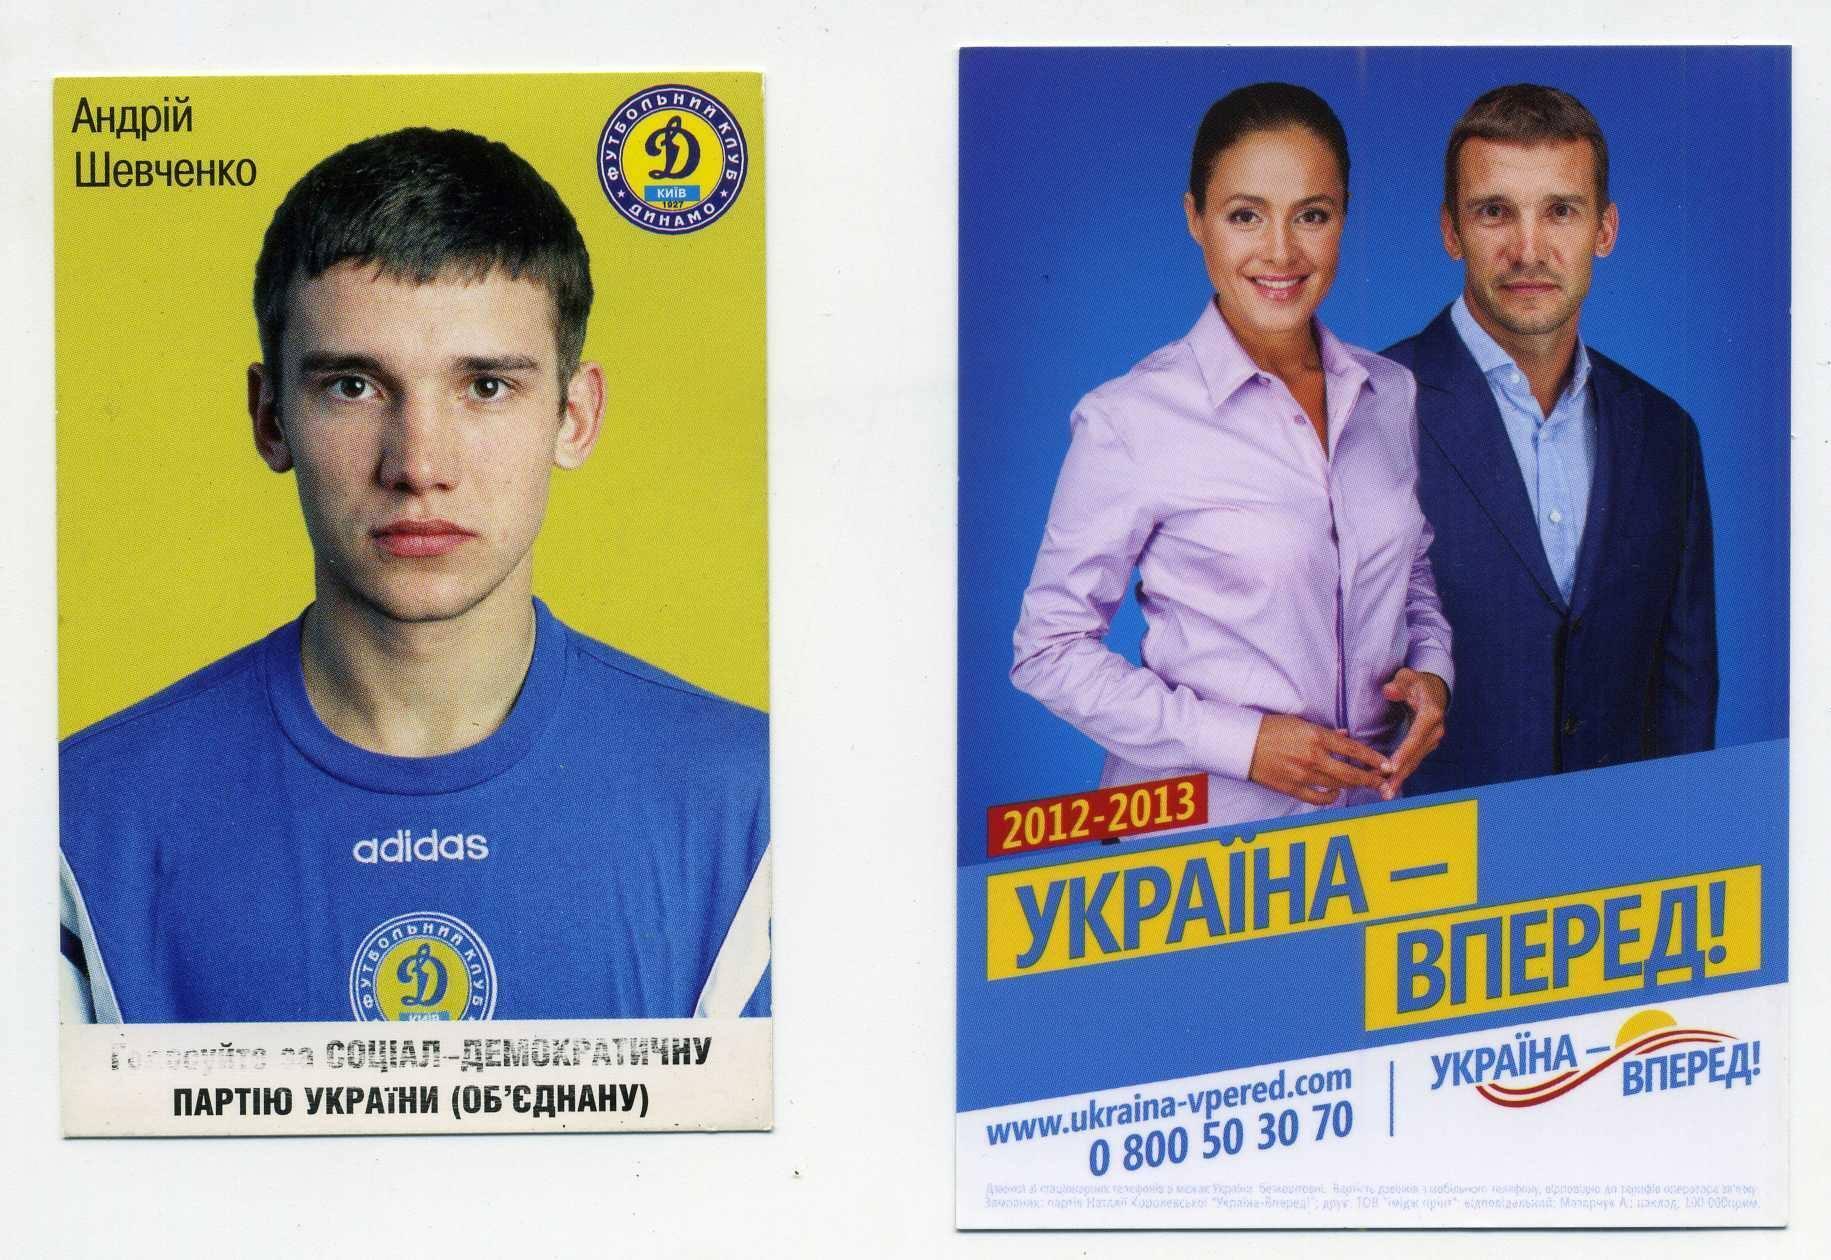 Календарики Андрея Шевченко